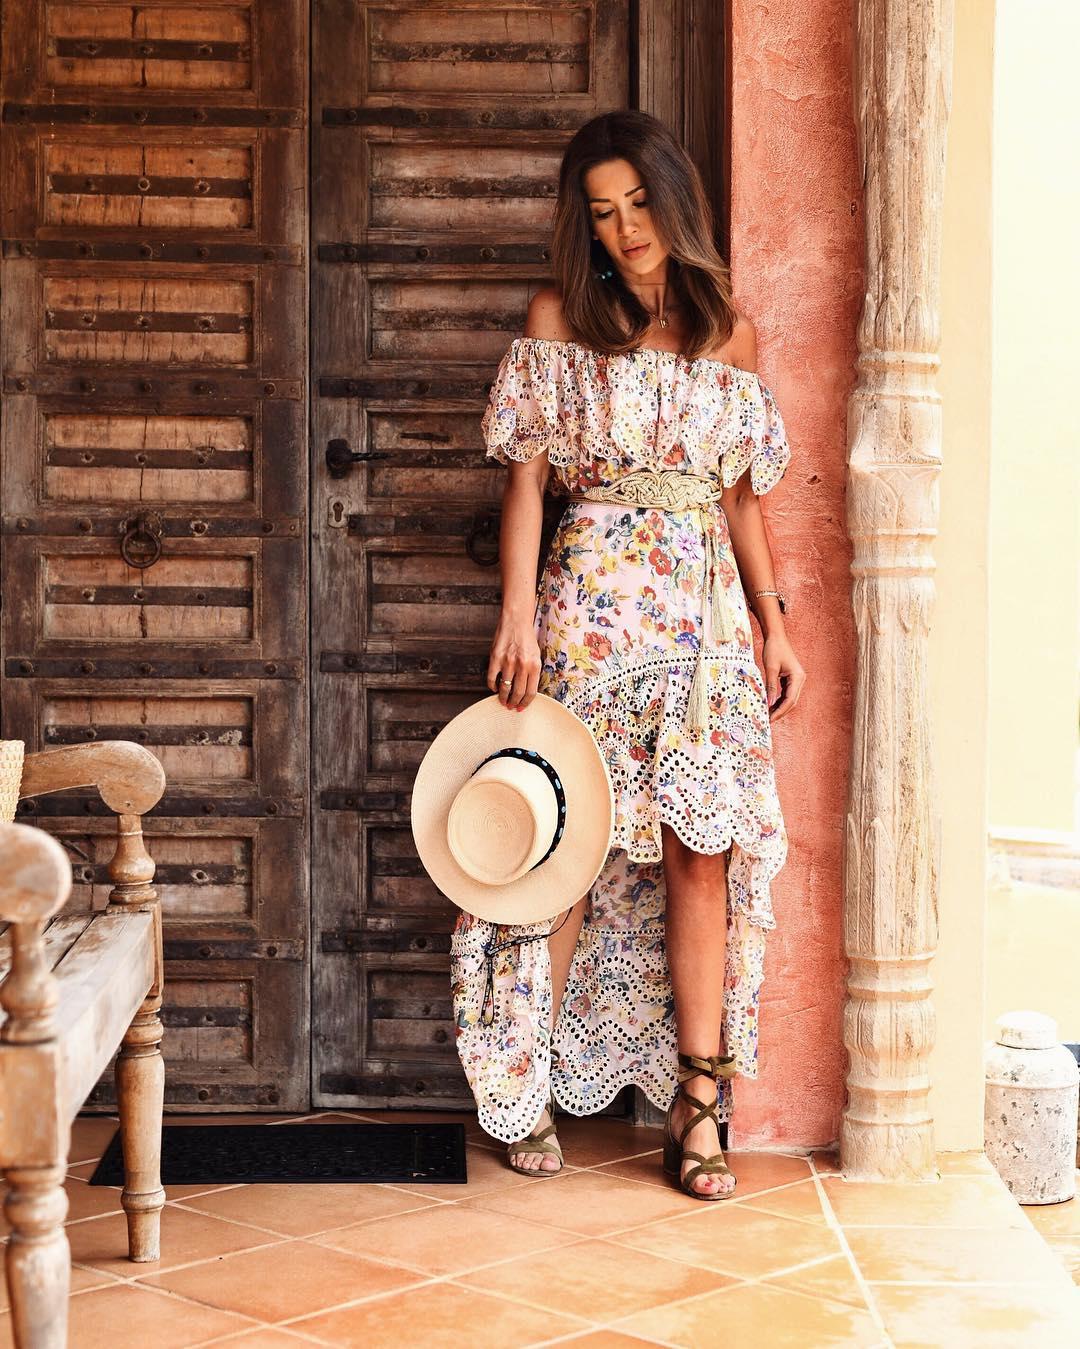 Модные летние луки для женщины 40 лет фото 1